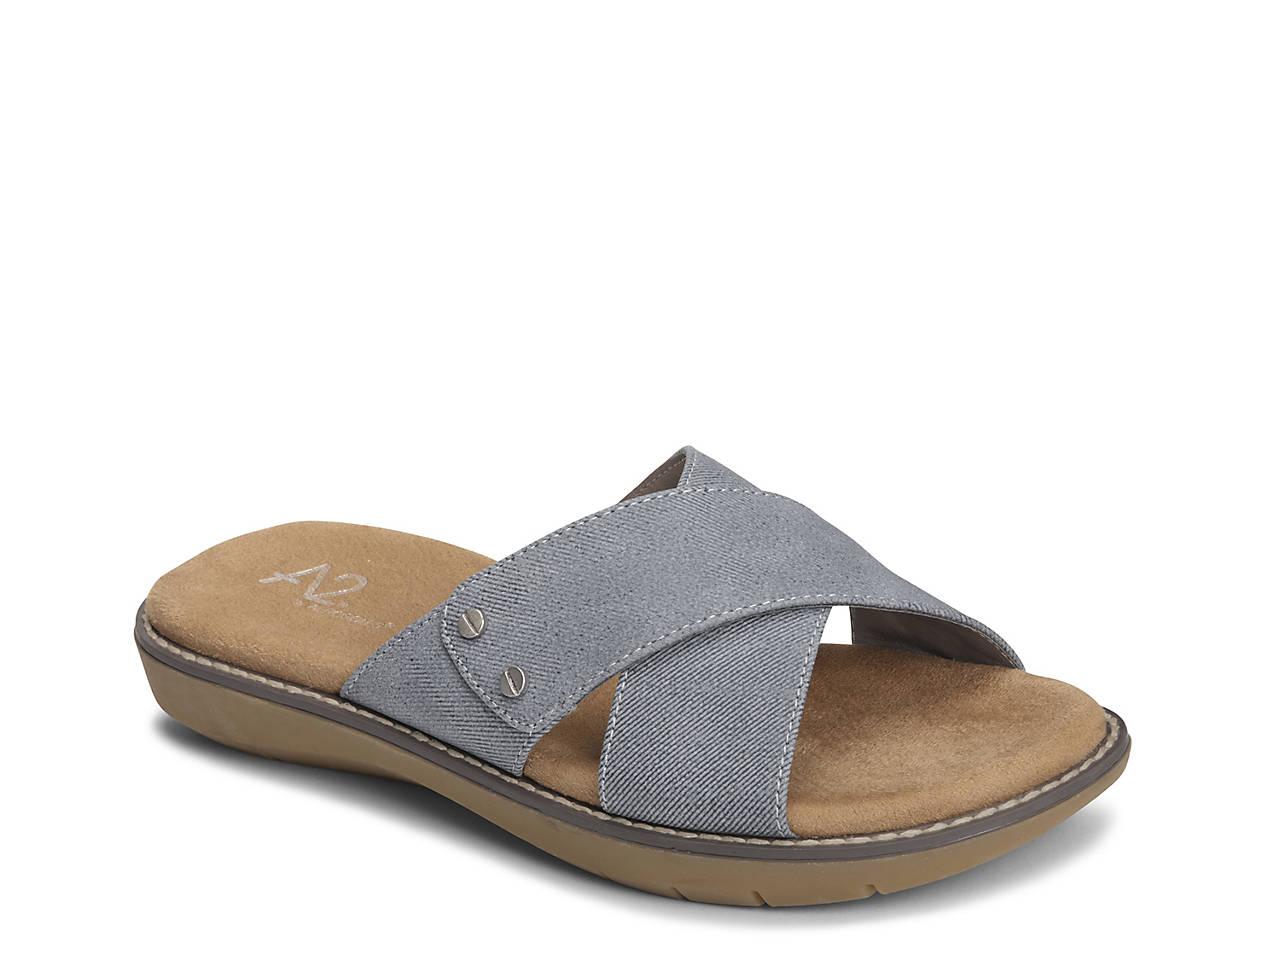 A2 by Aerosoles Cool Breeze ... Women's Slide Sandals cheap sale wholesale price tumblr online sale websites sdLuKdH